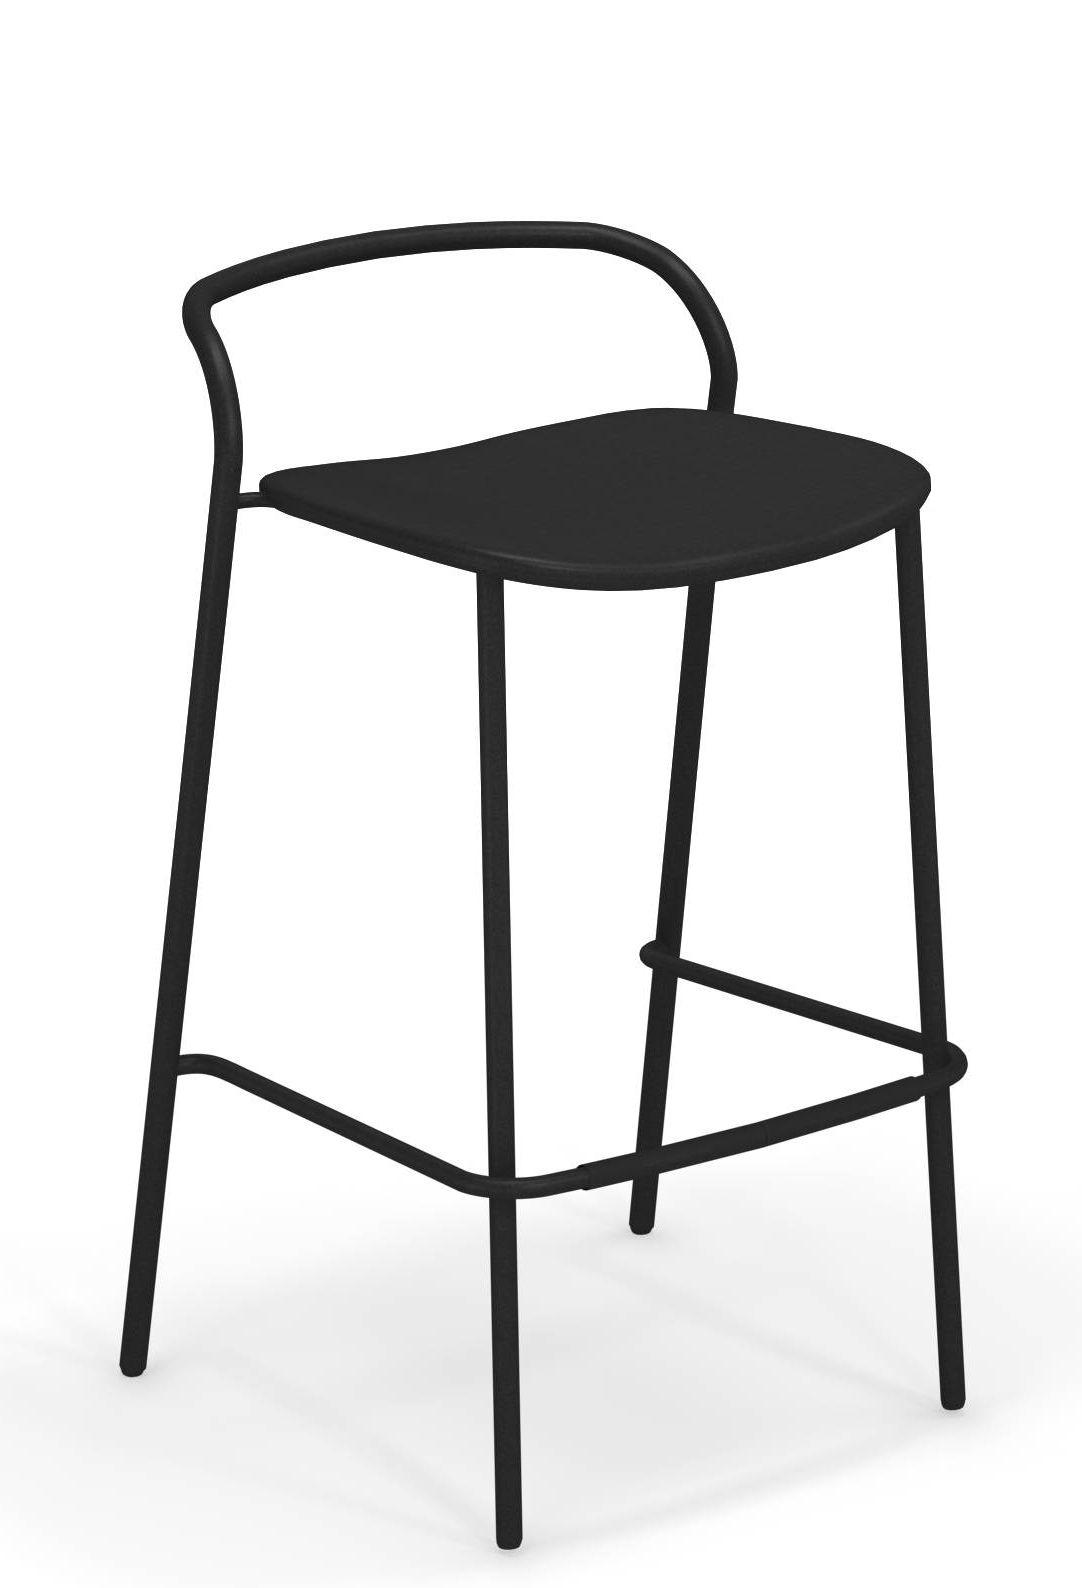 Mobilier - Tabourets de bar - Chaise de bar Zahir / H 75 cm - Métal - Emu - Noir - Acier verni